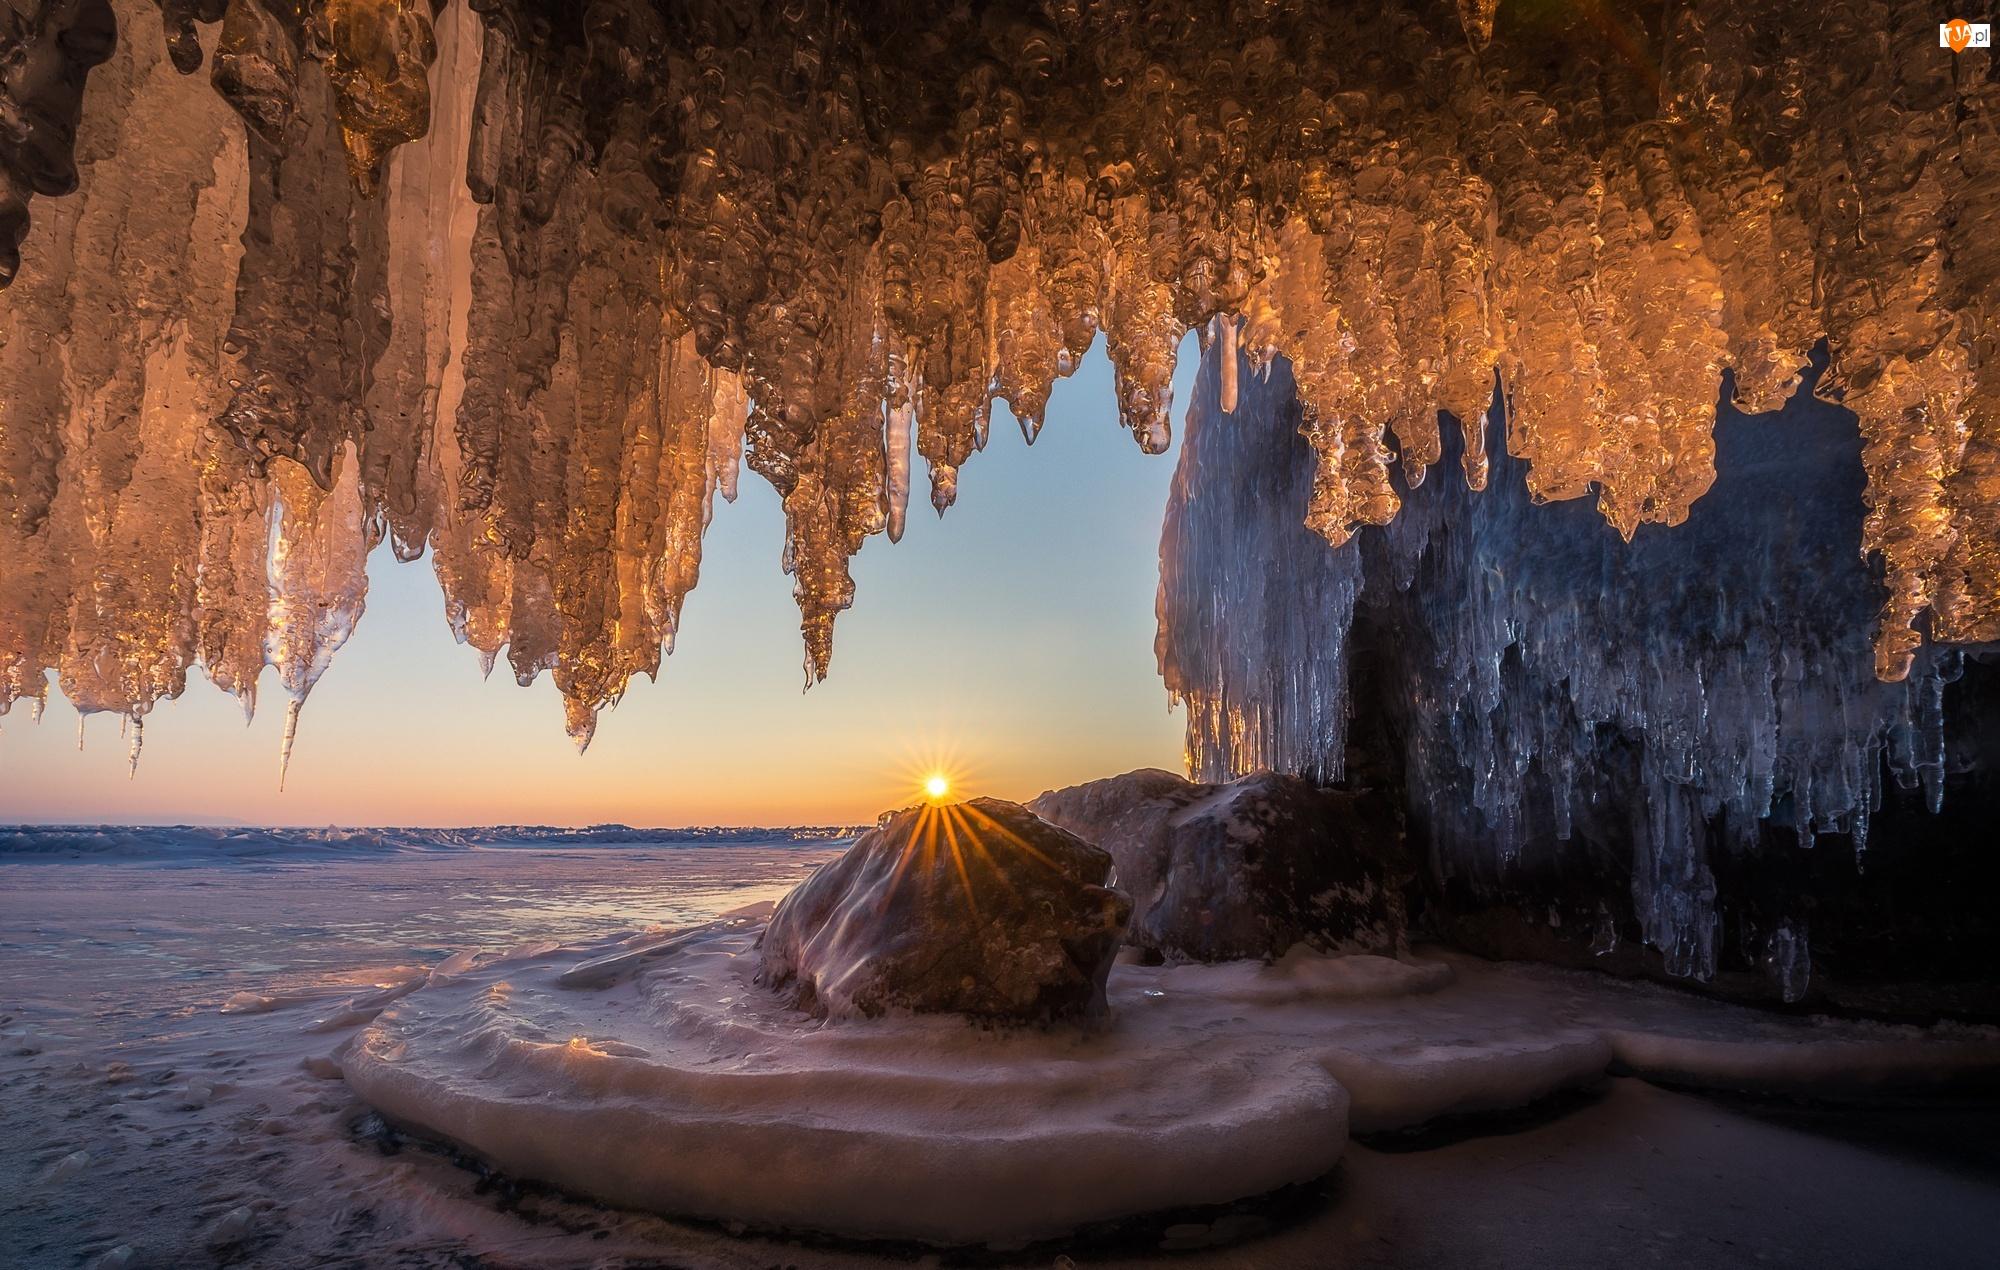 Lód, Jaskinia, Skały, Zima, Morze, Wschód słońca